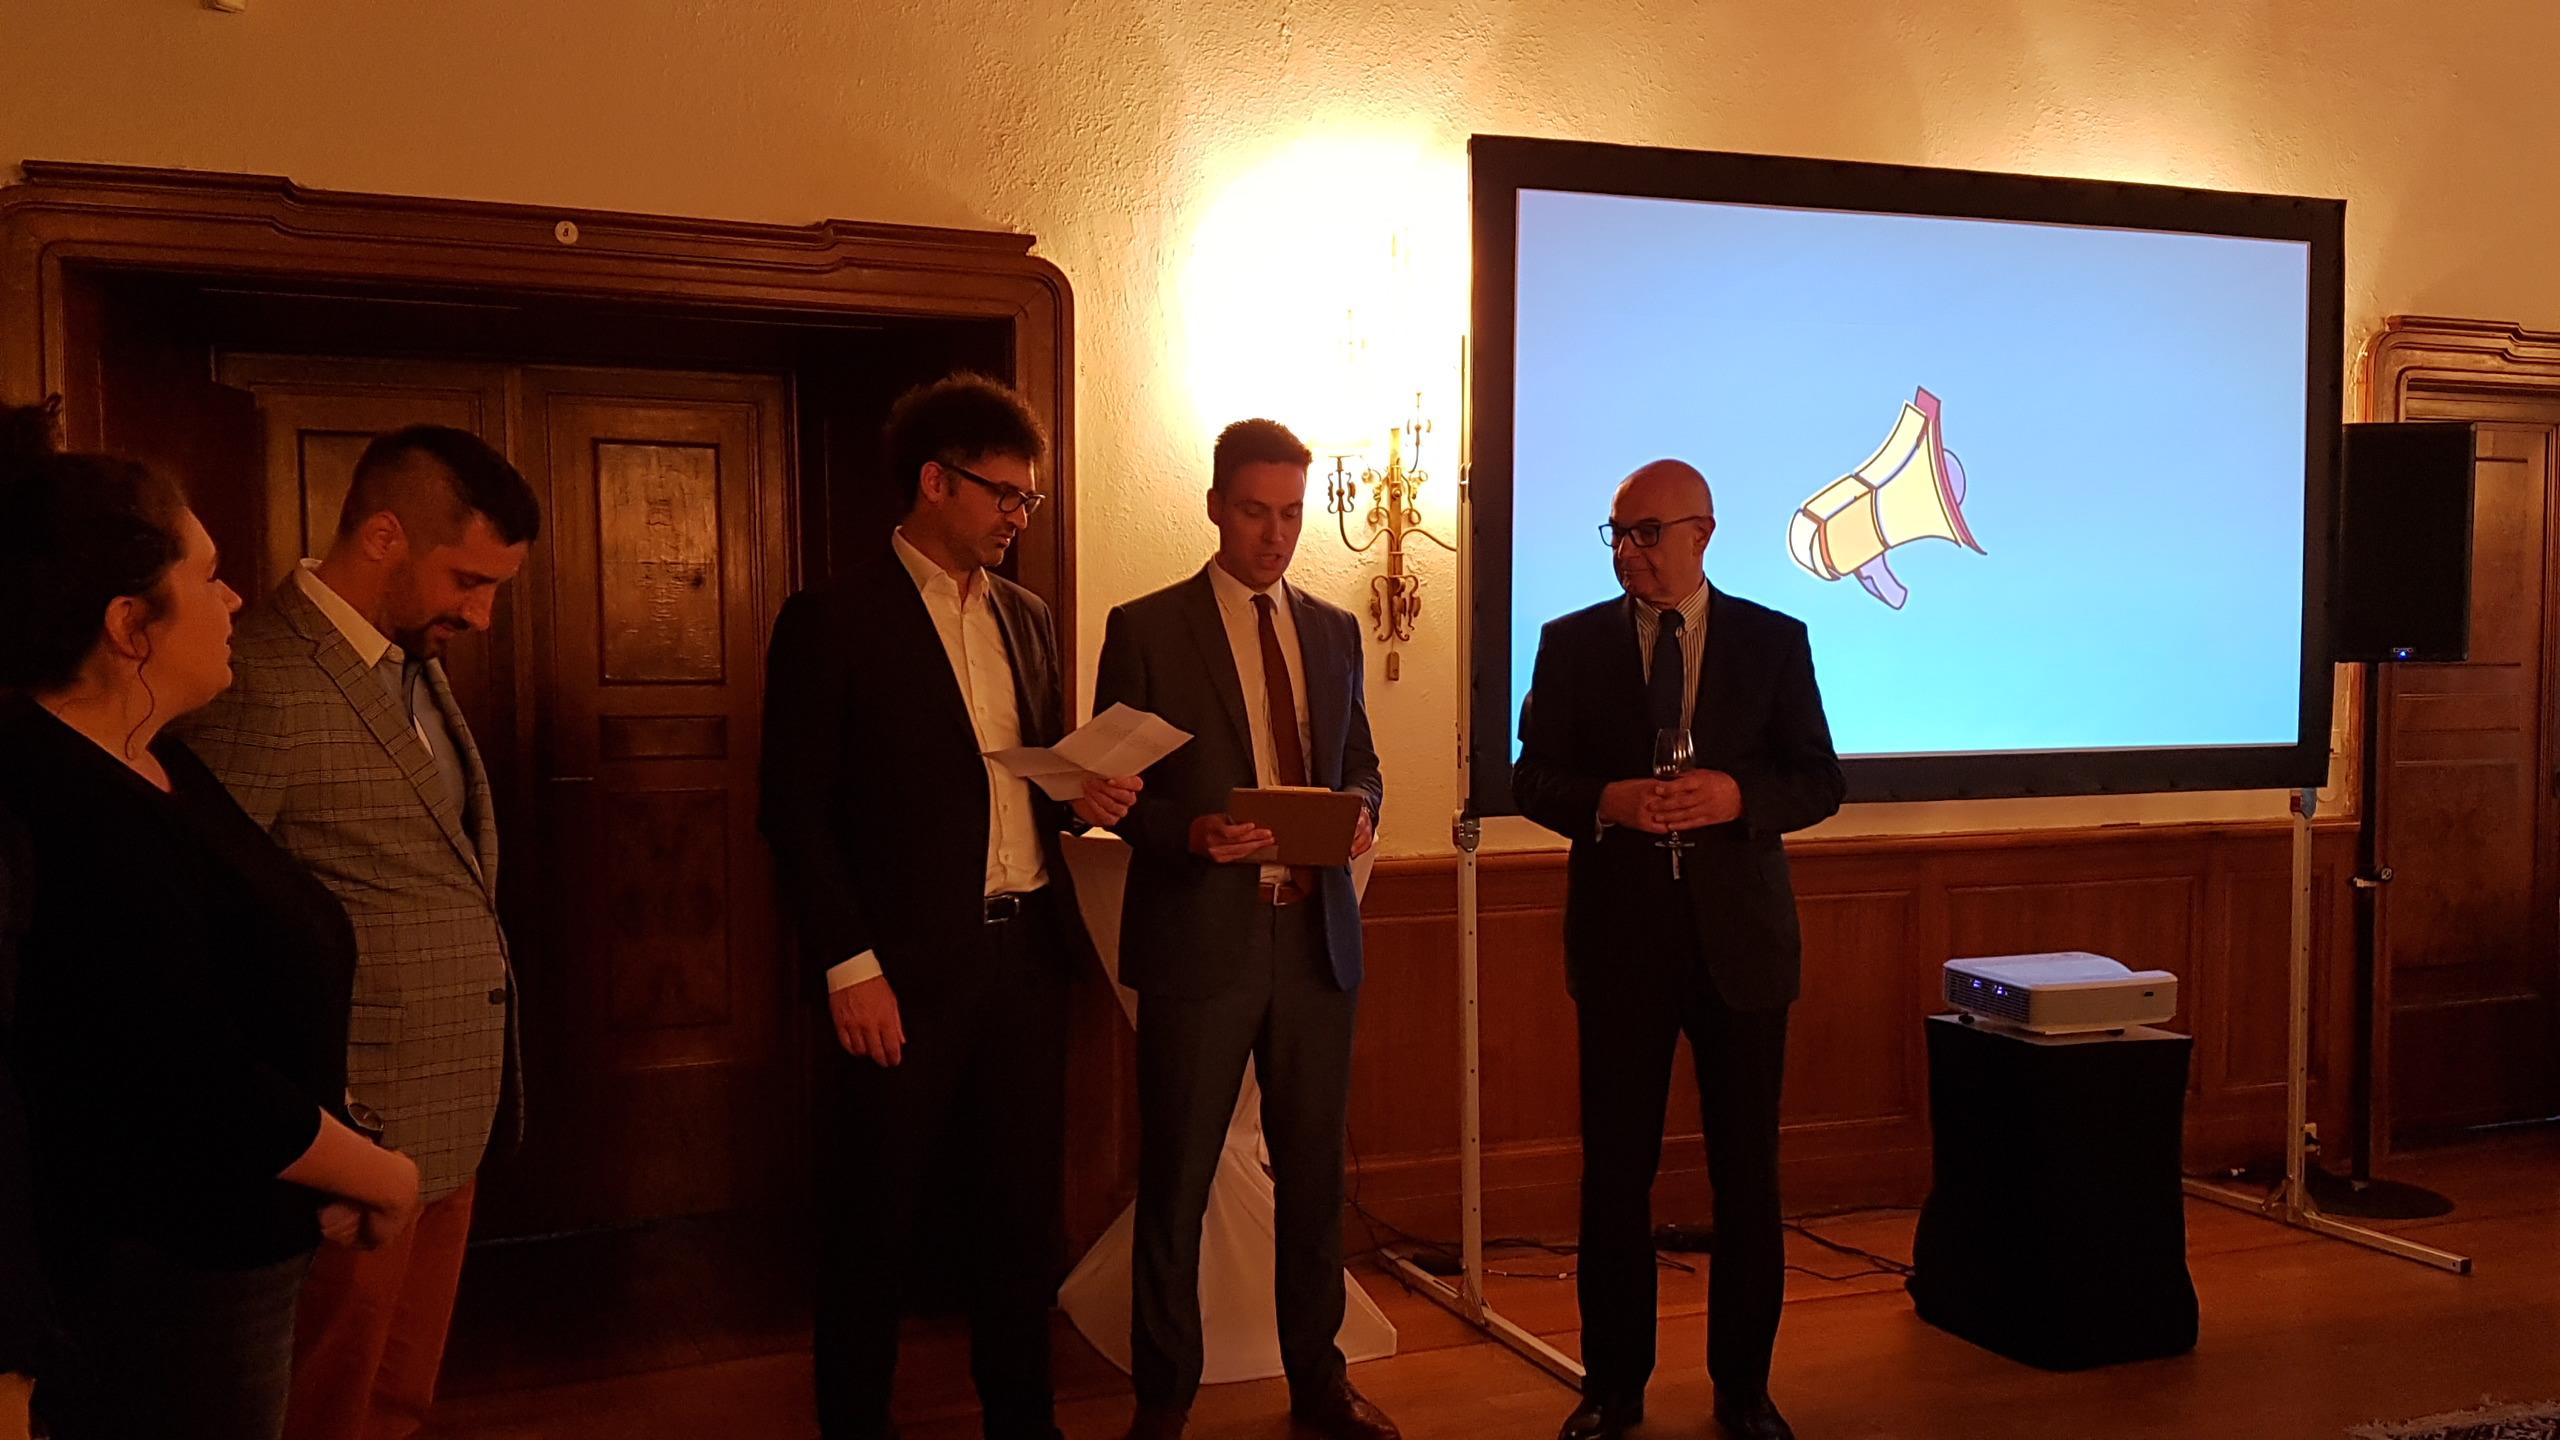 Државни секретар Станић на представљању Опенса у Берлину